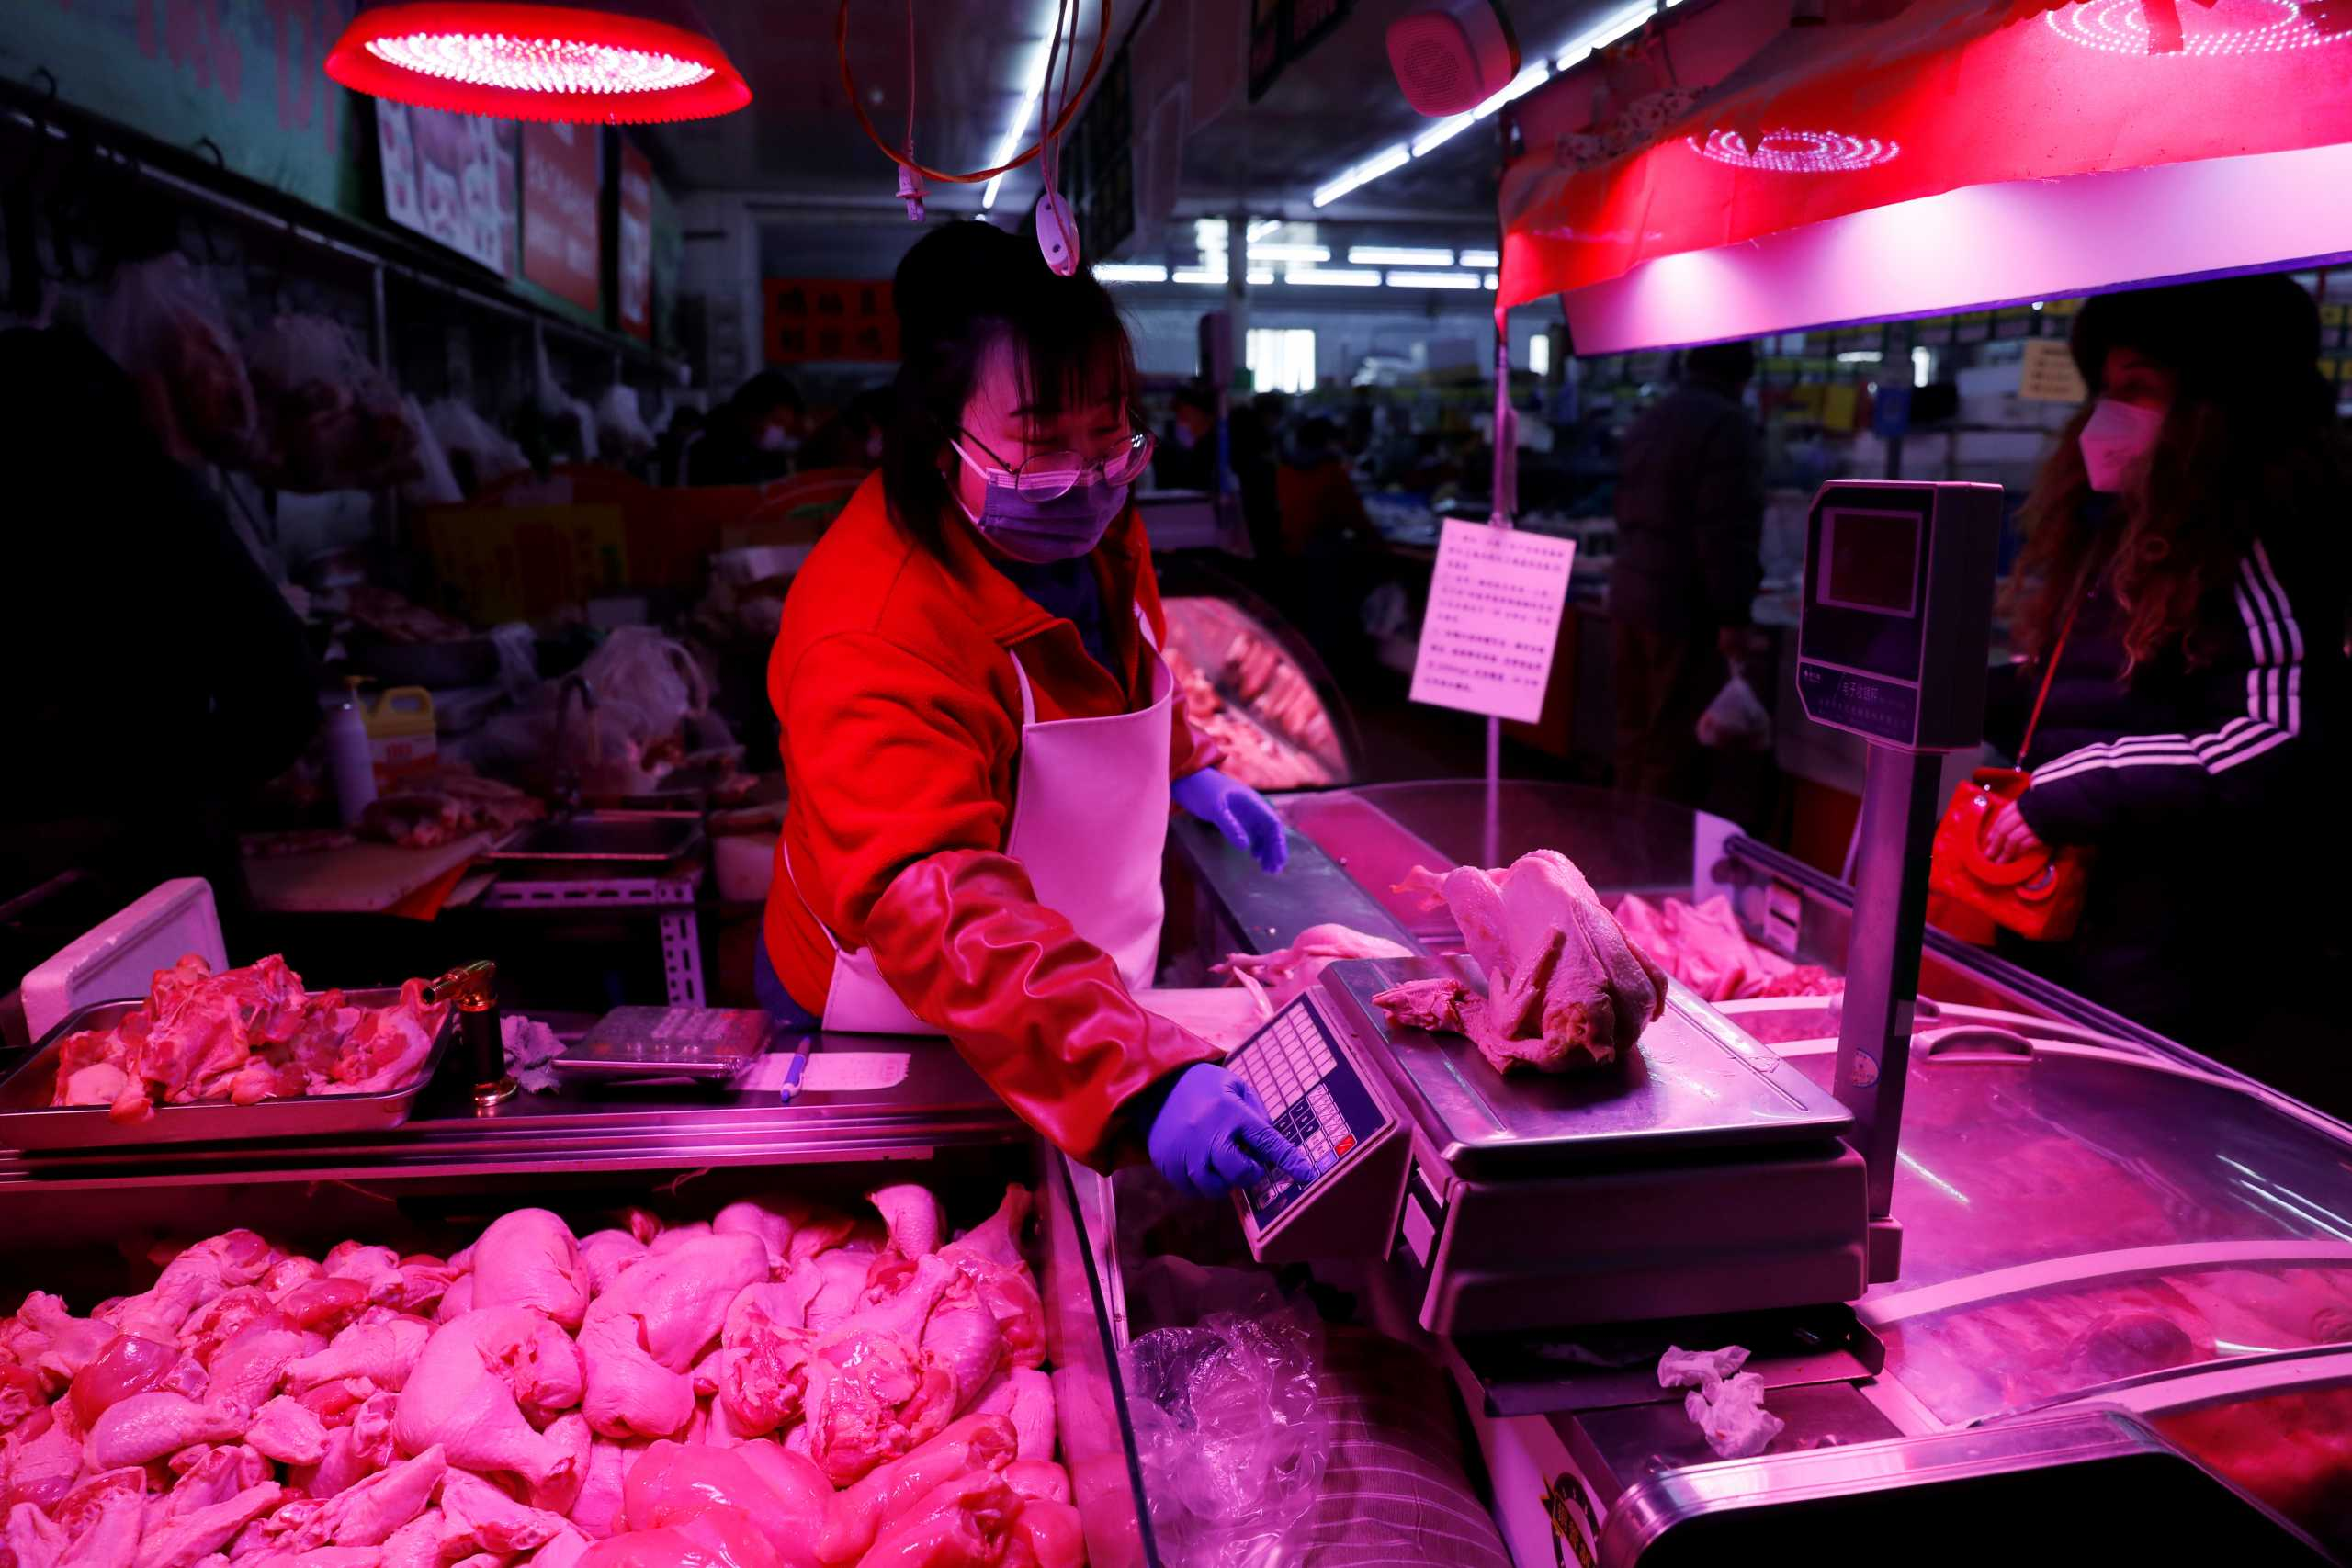 Κίνα: Βρέθηκαν ίχνη κορονοϊού σε συσκευασίες πουλερικών από τη Ρωσία